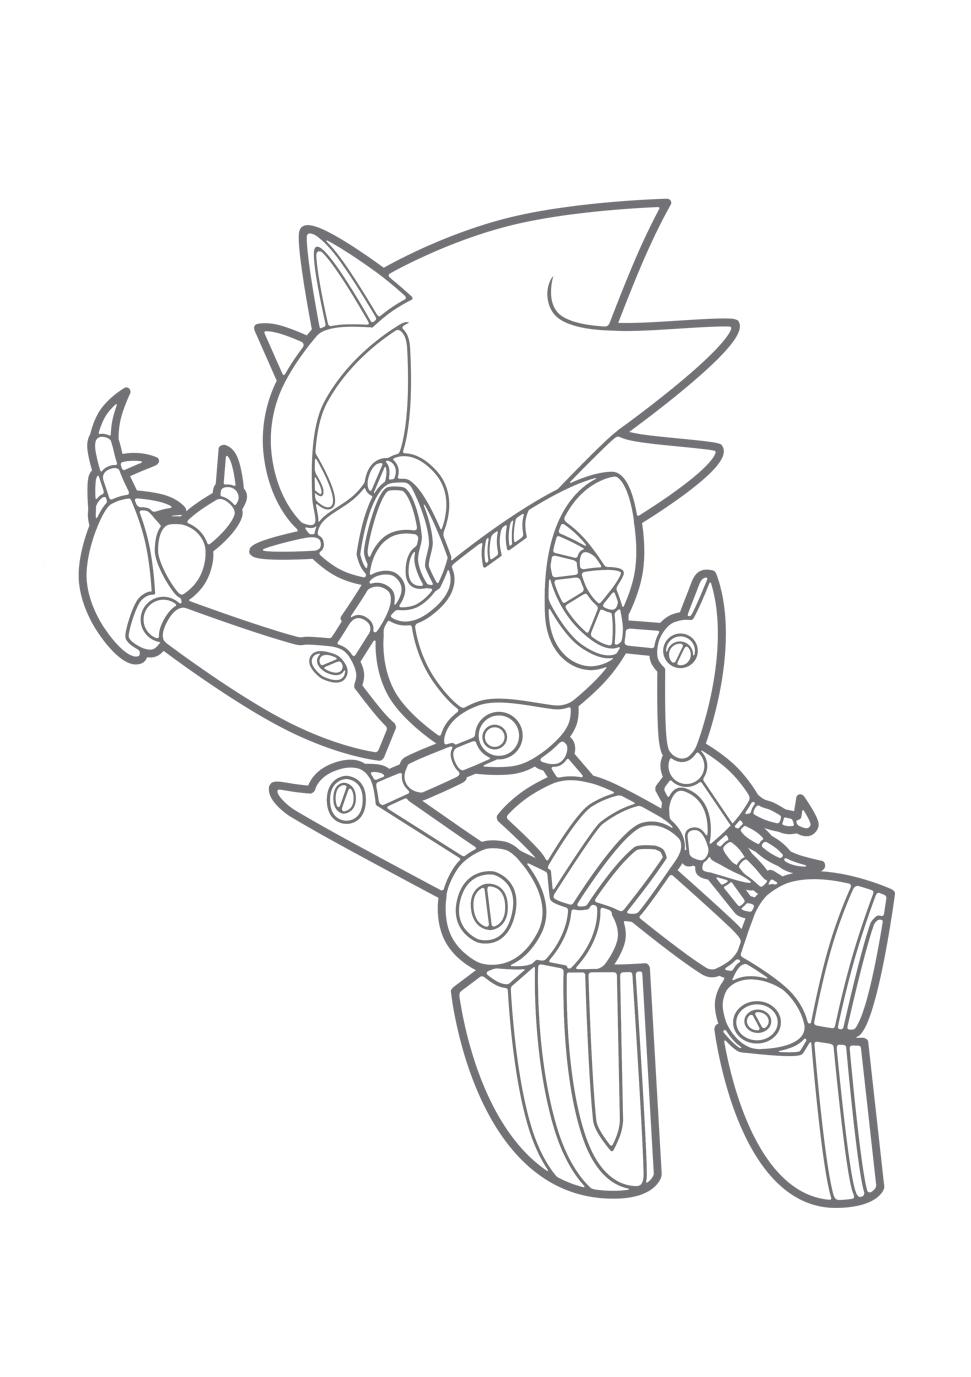 Desenho De Jogo Metal Sonic Para Colorir Free Coloring Pages